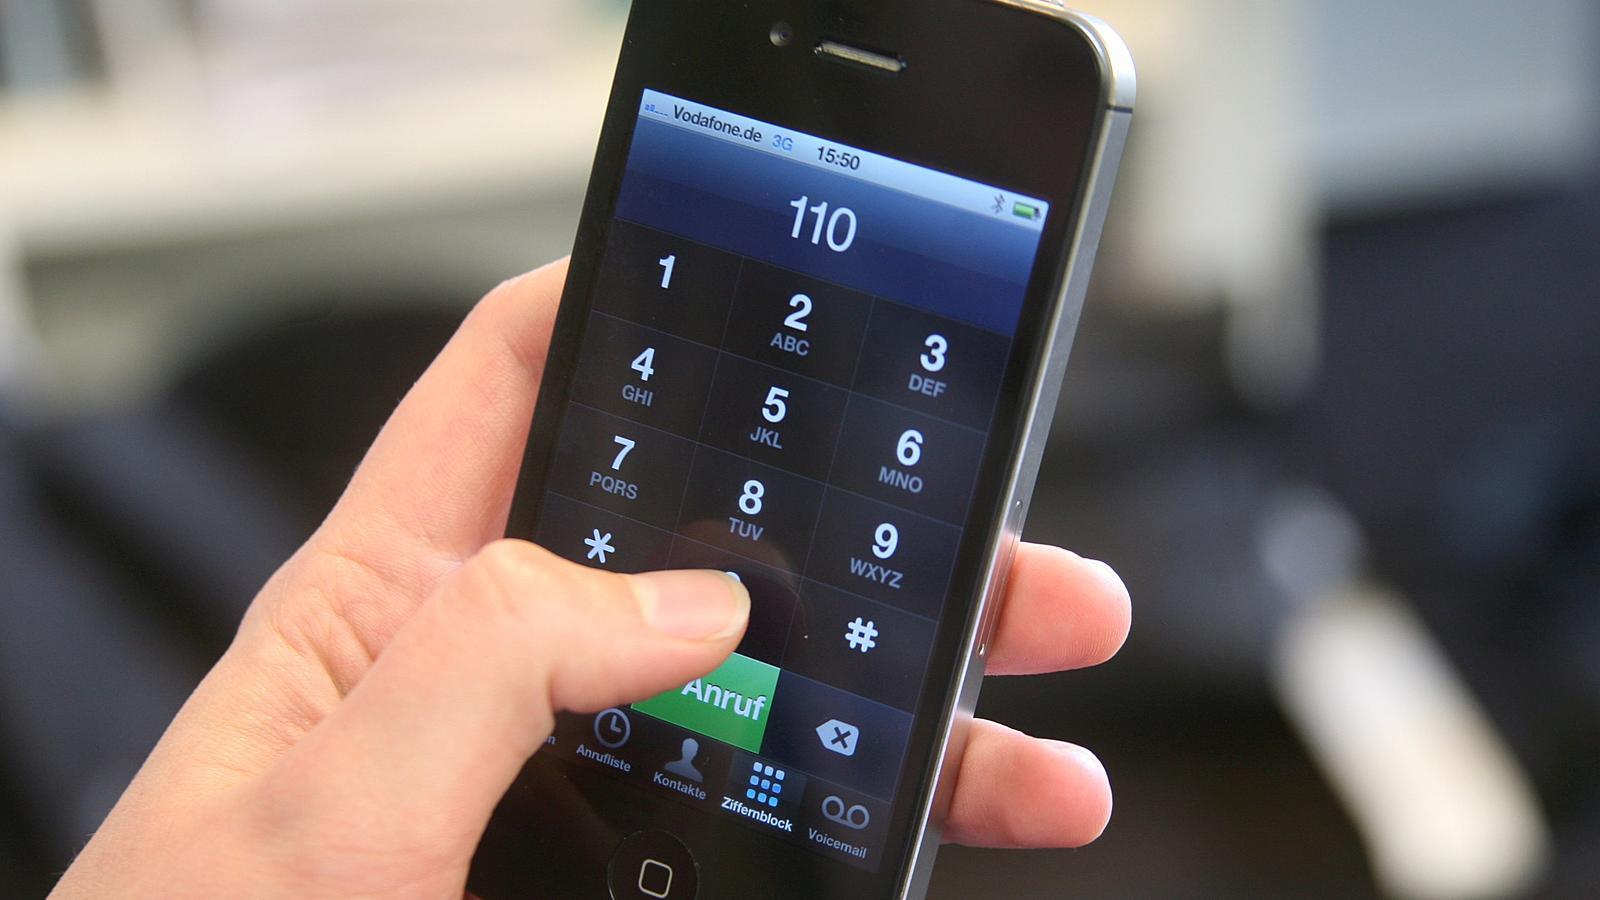 Erwischt Betrug das Telefon